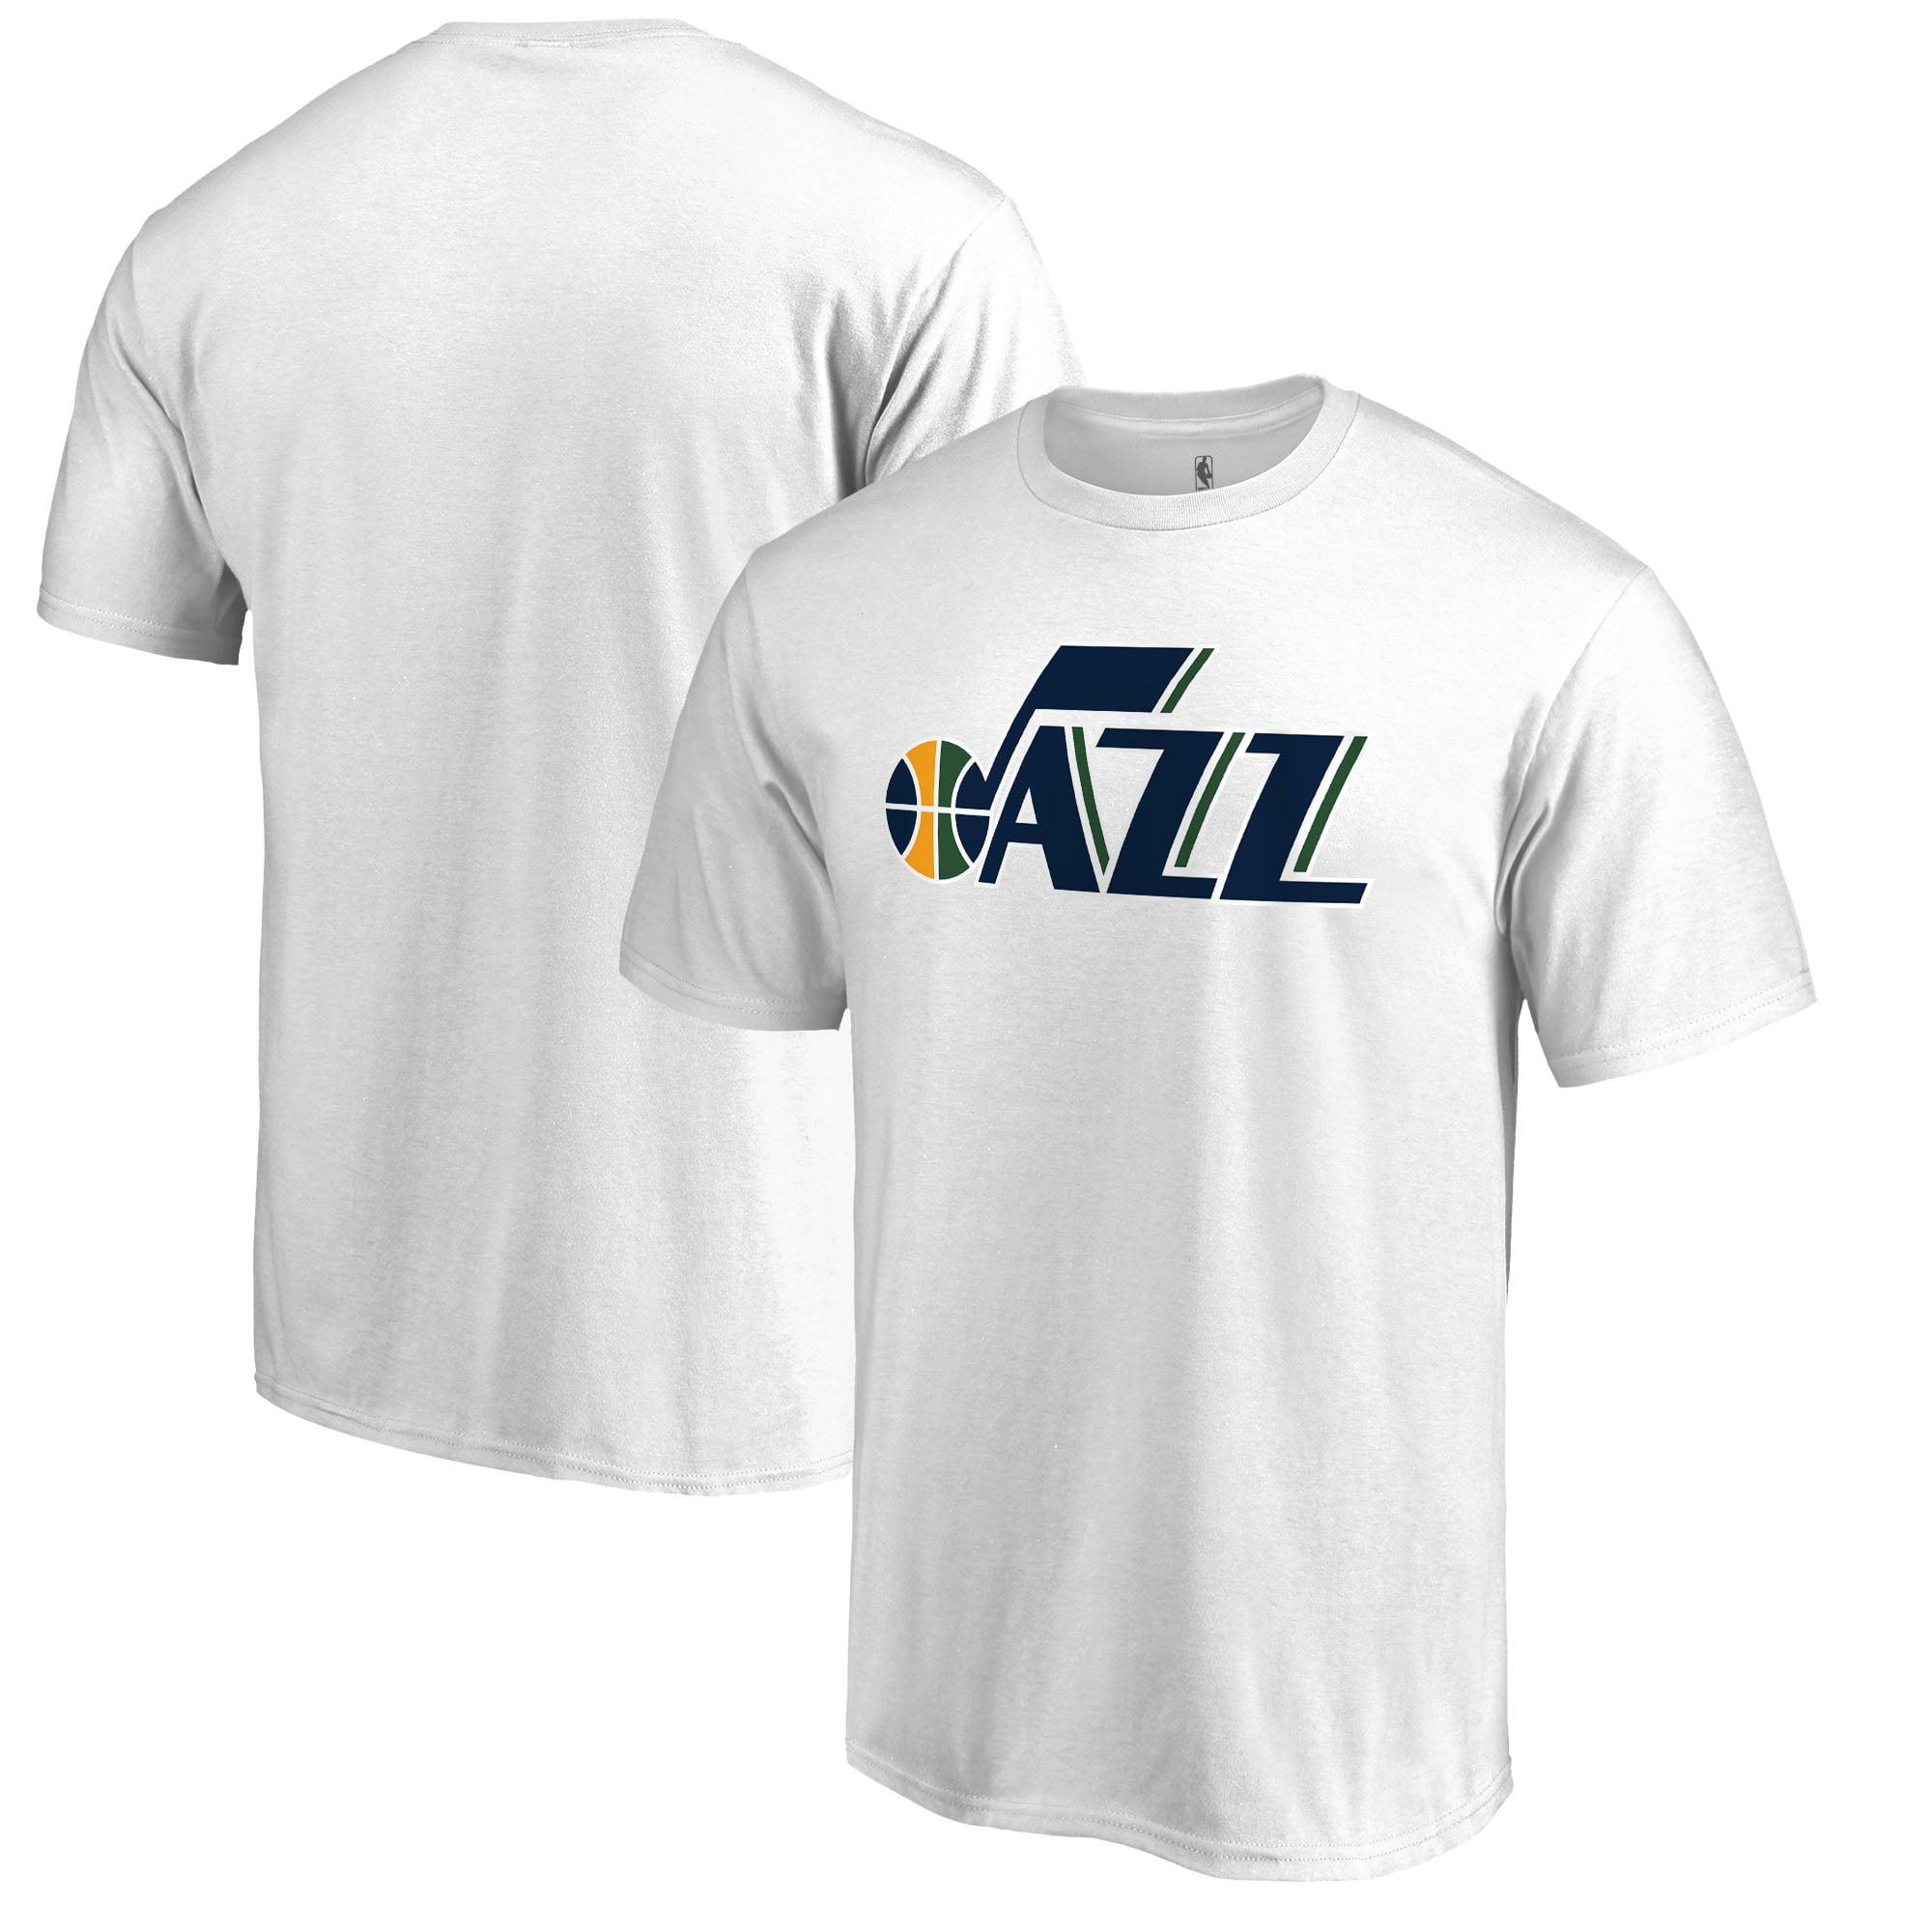 Utah Jazz Fanatics Branded Primary Wordmark T-Shirt - White